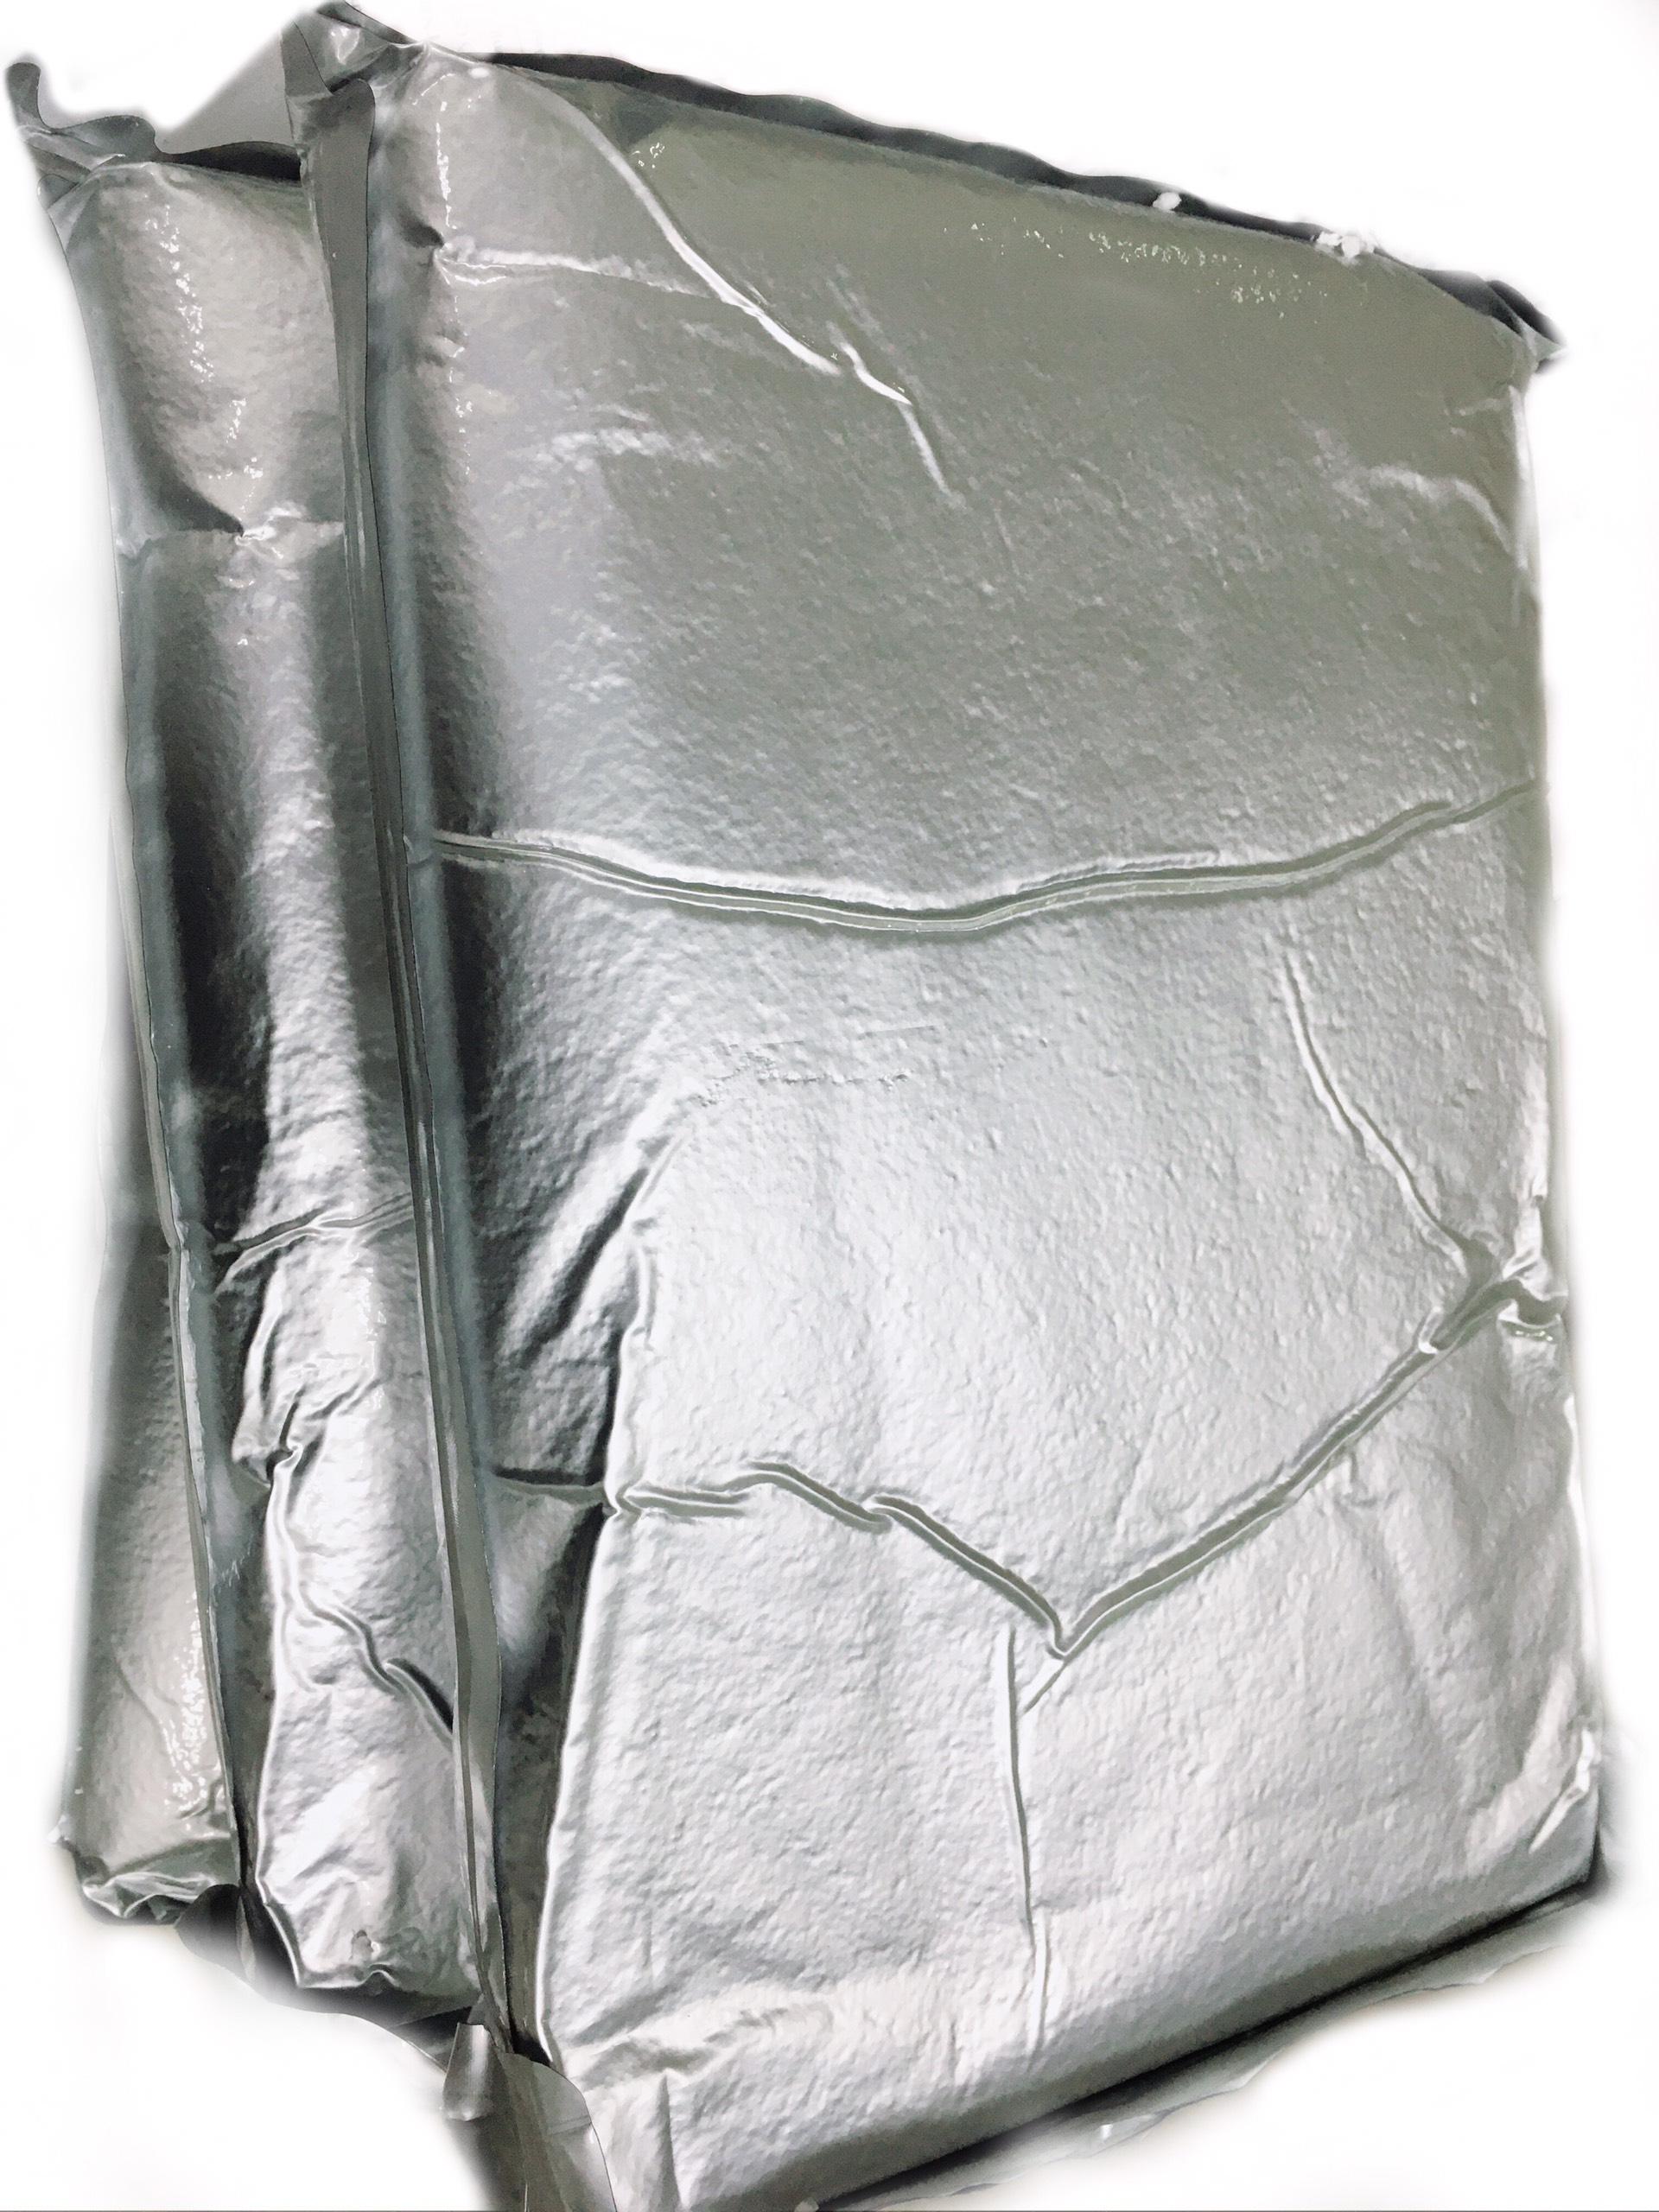 Hạt trao đổi ion (Chất khử ion) 5 lít/ bịch